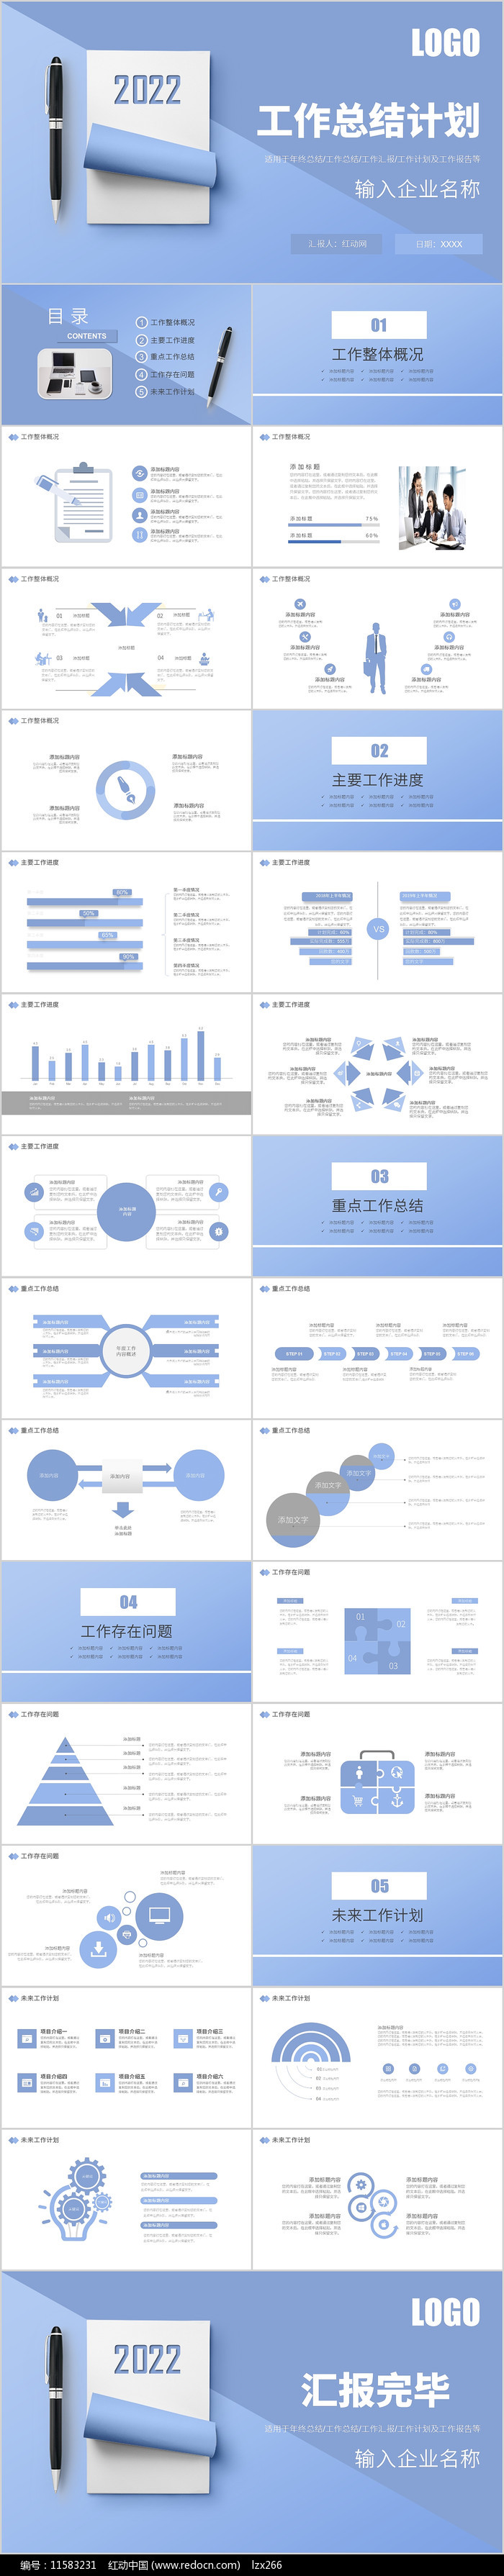 2022商务汇报产品公司通用PPT模板图片